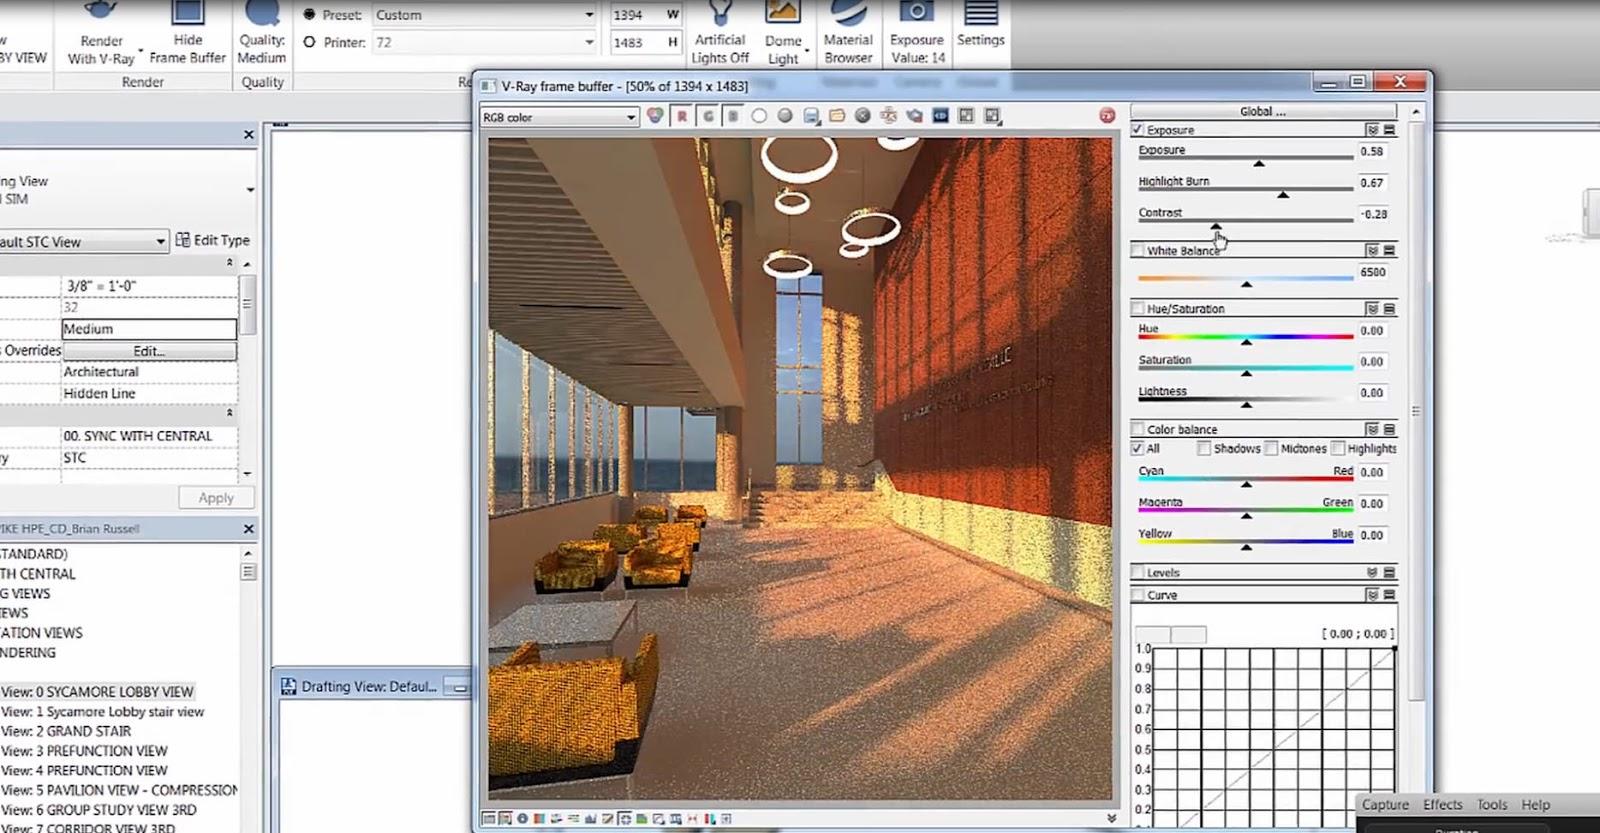 V-Ray public beta cho Revit - Tải và cài đặt V-Ray cho Revit